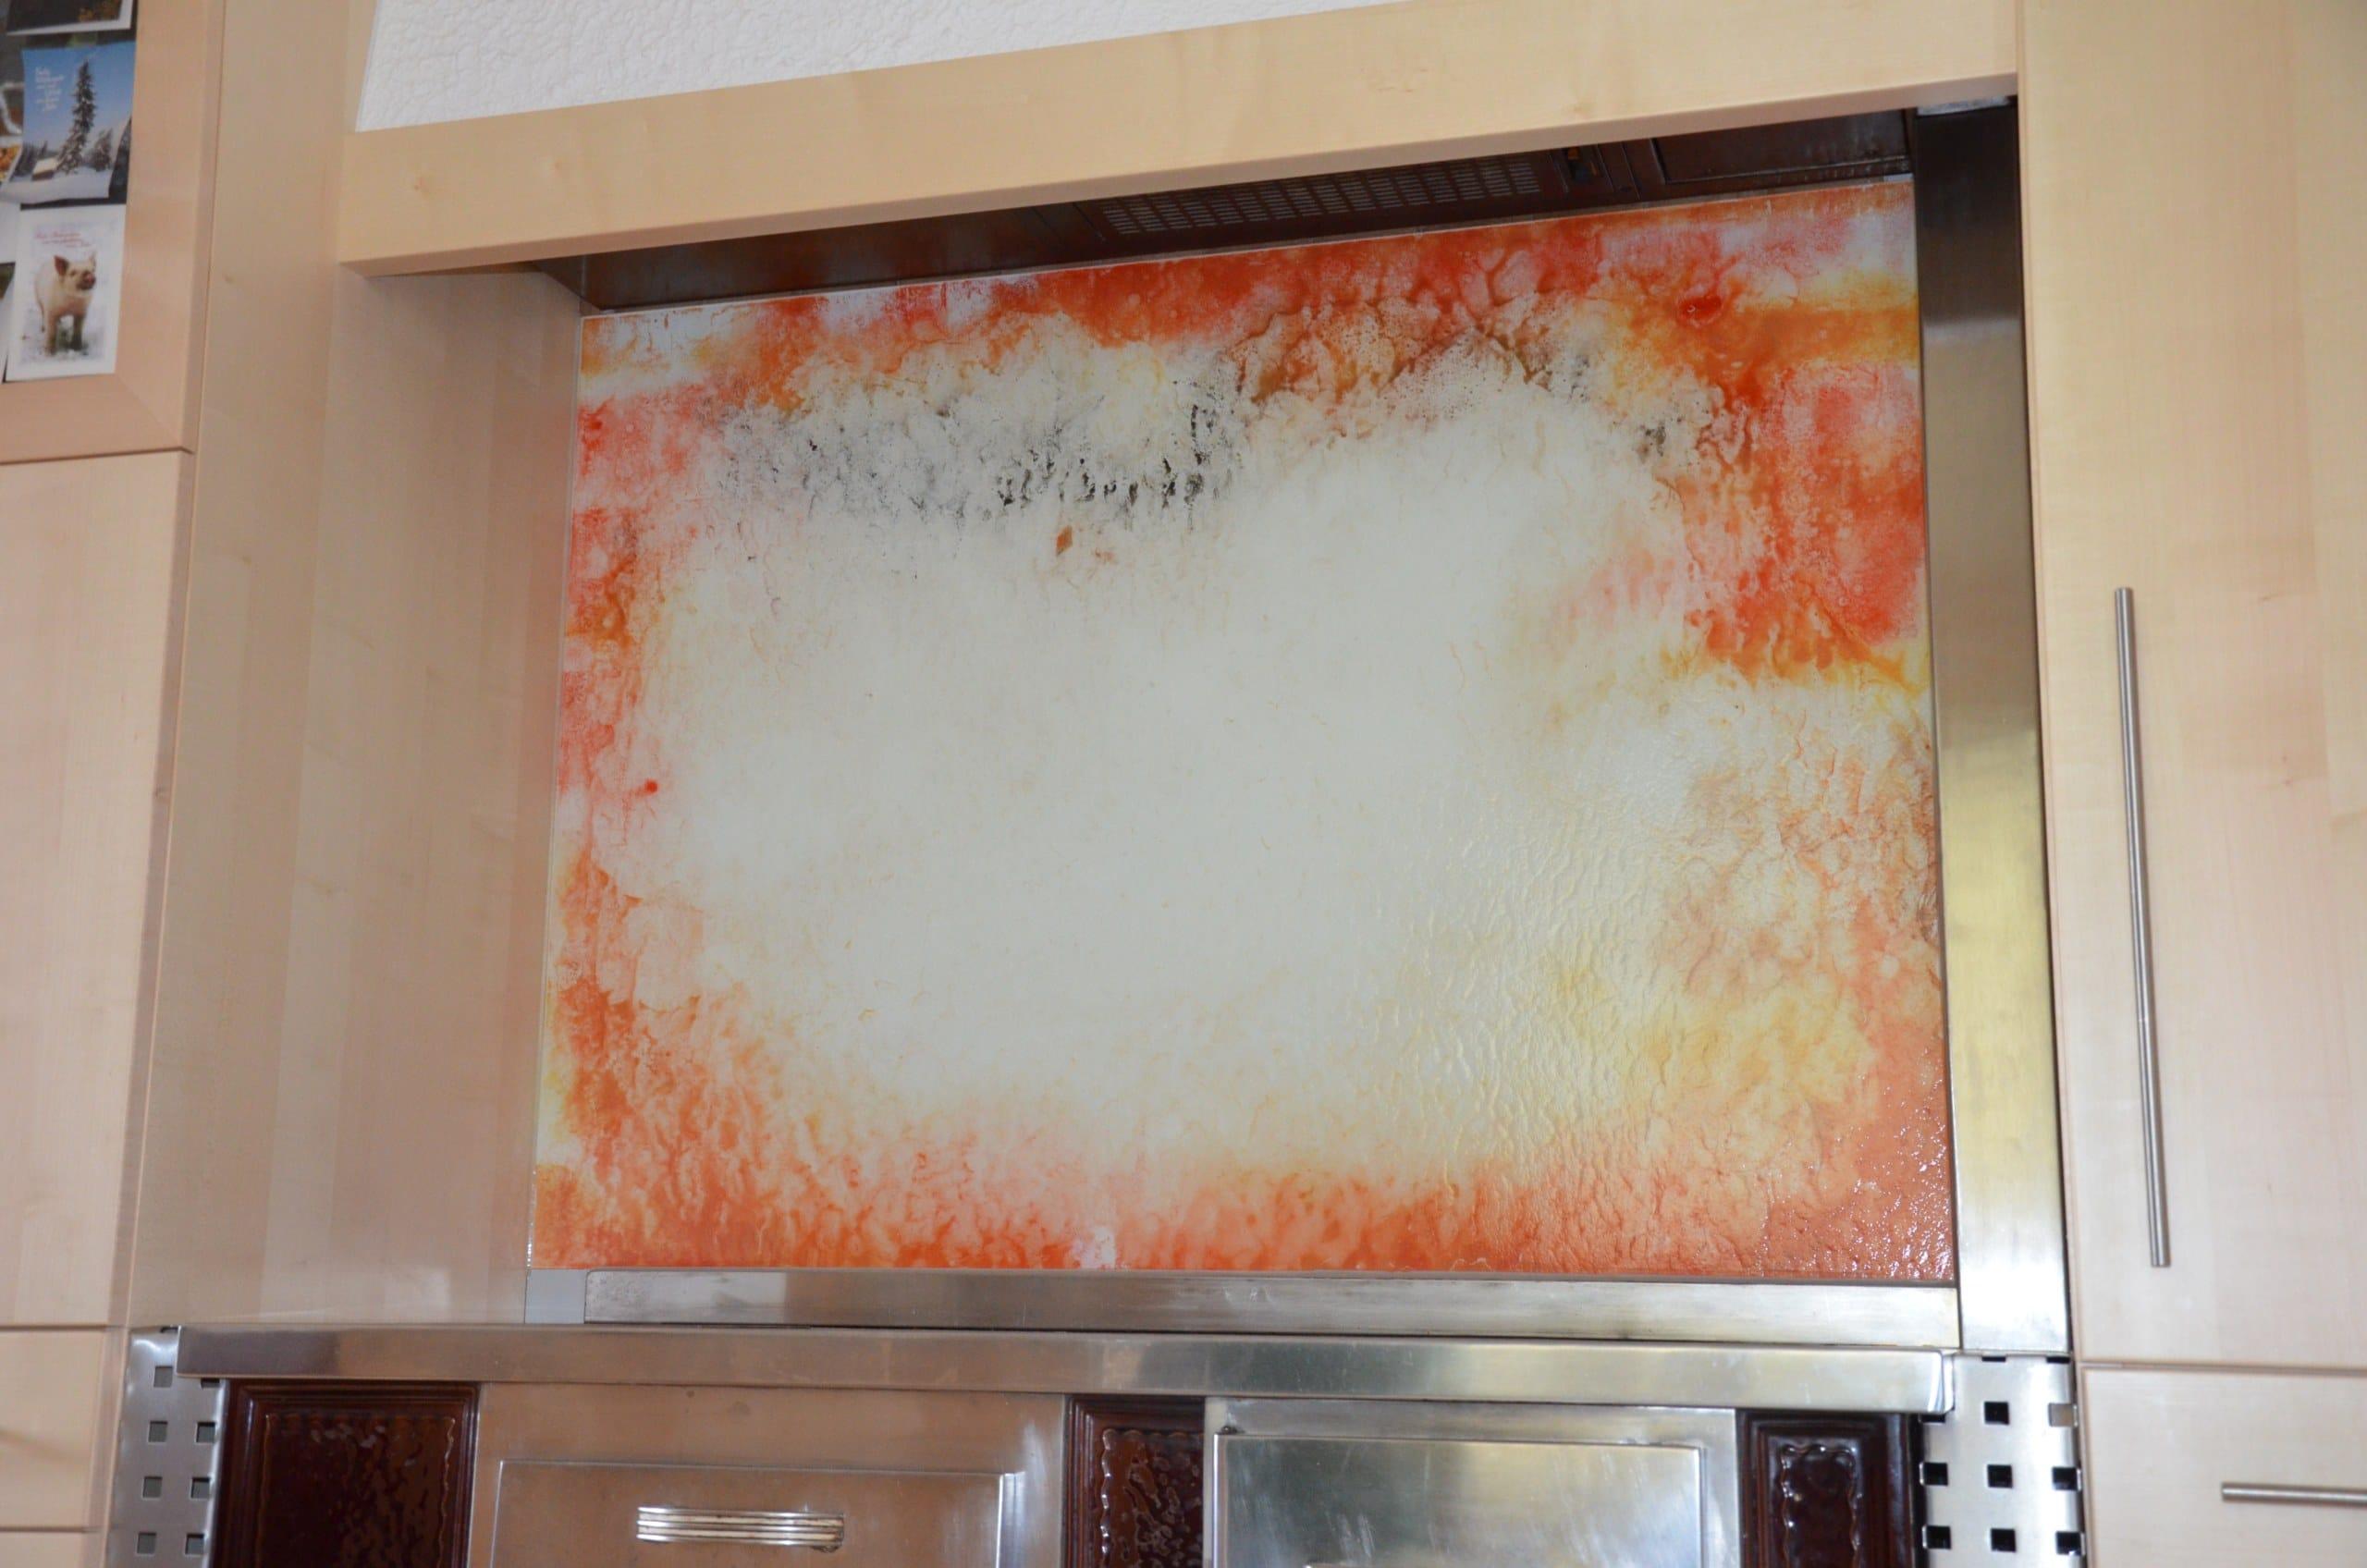 Küchenrückwand bemalt und lackiert